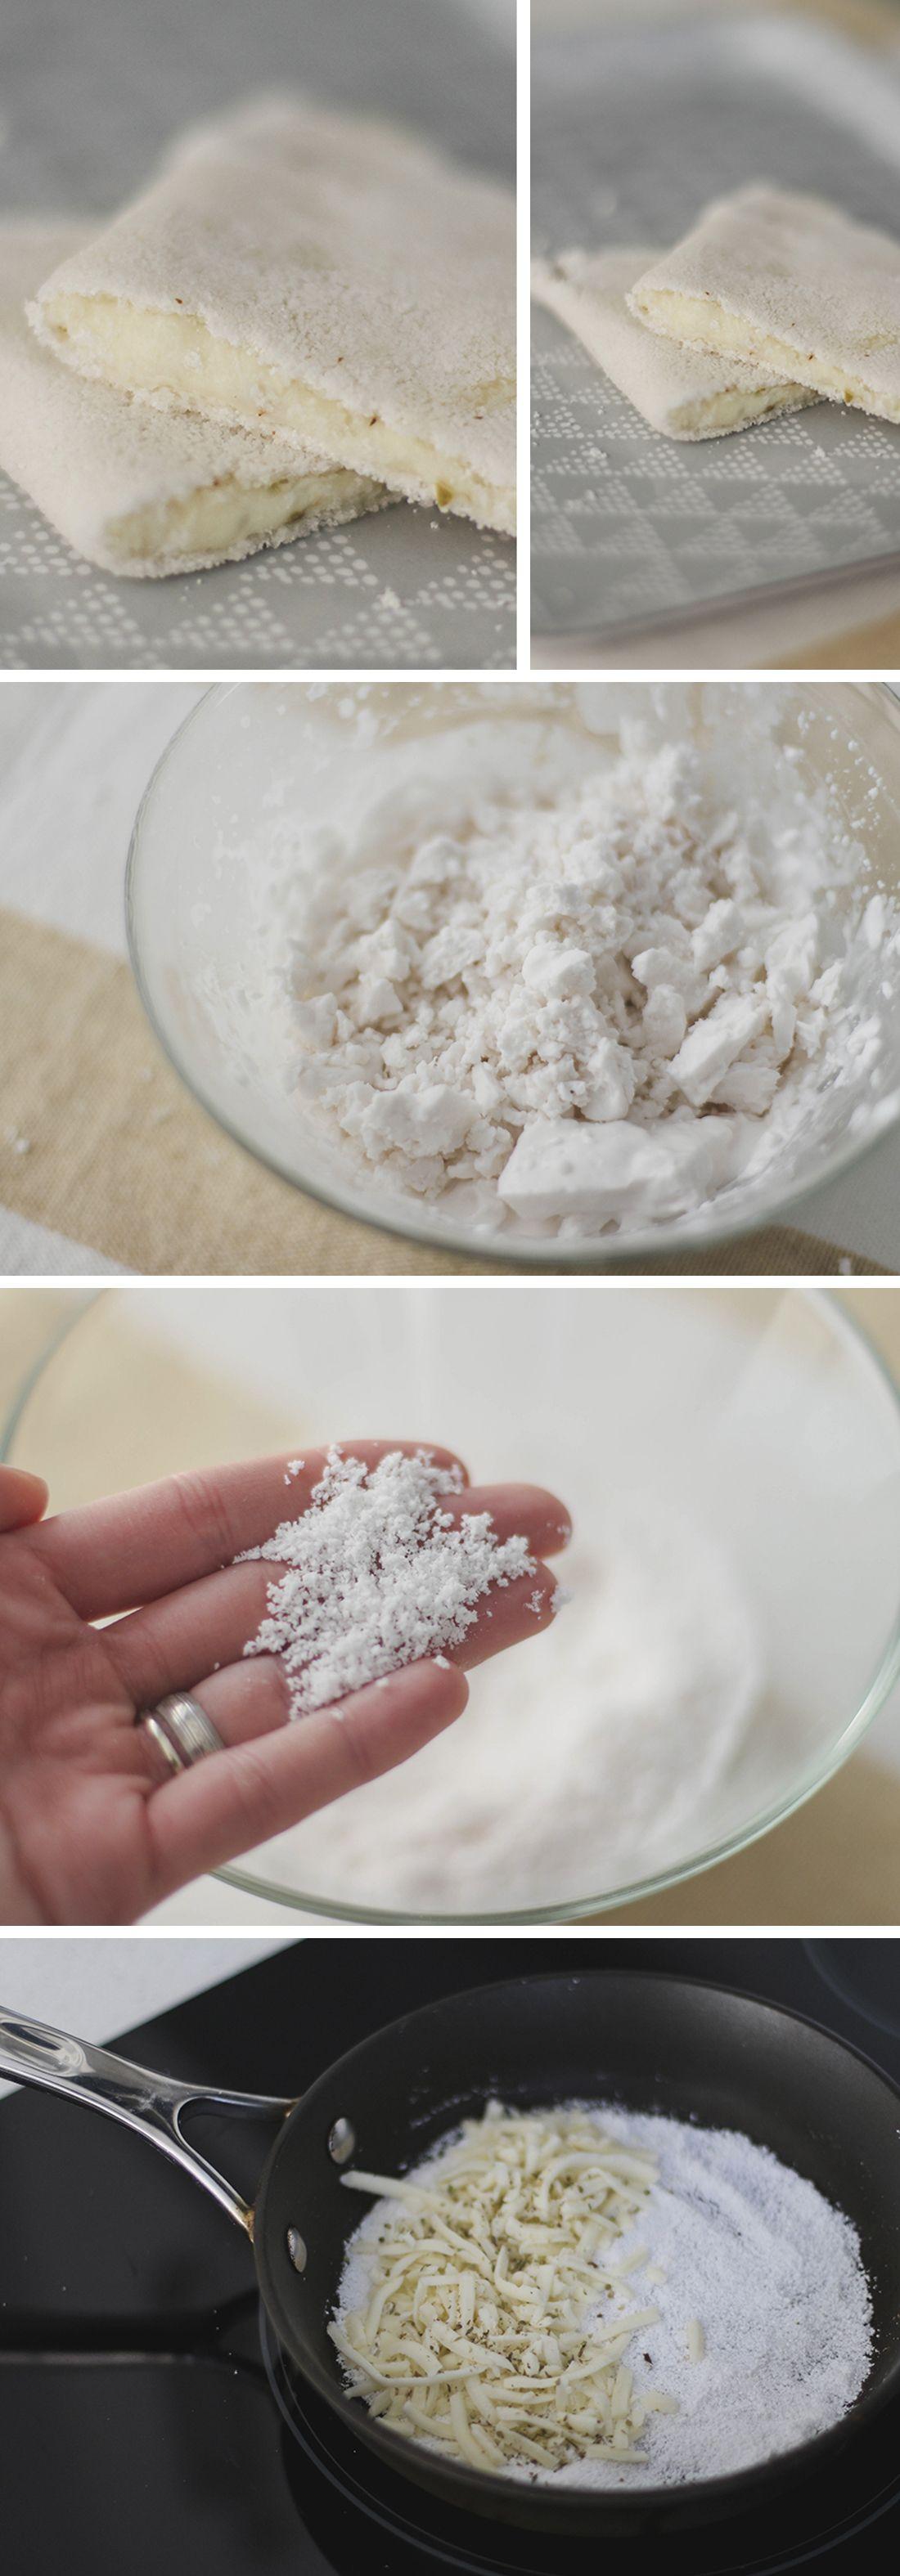 Passo a Passo de Como Fazer Tapioca - Pam*B | Receitas. Rocambole de canela. Como fazer tapioca